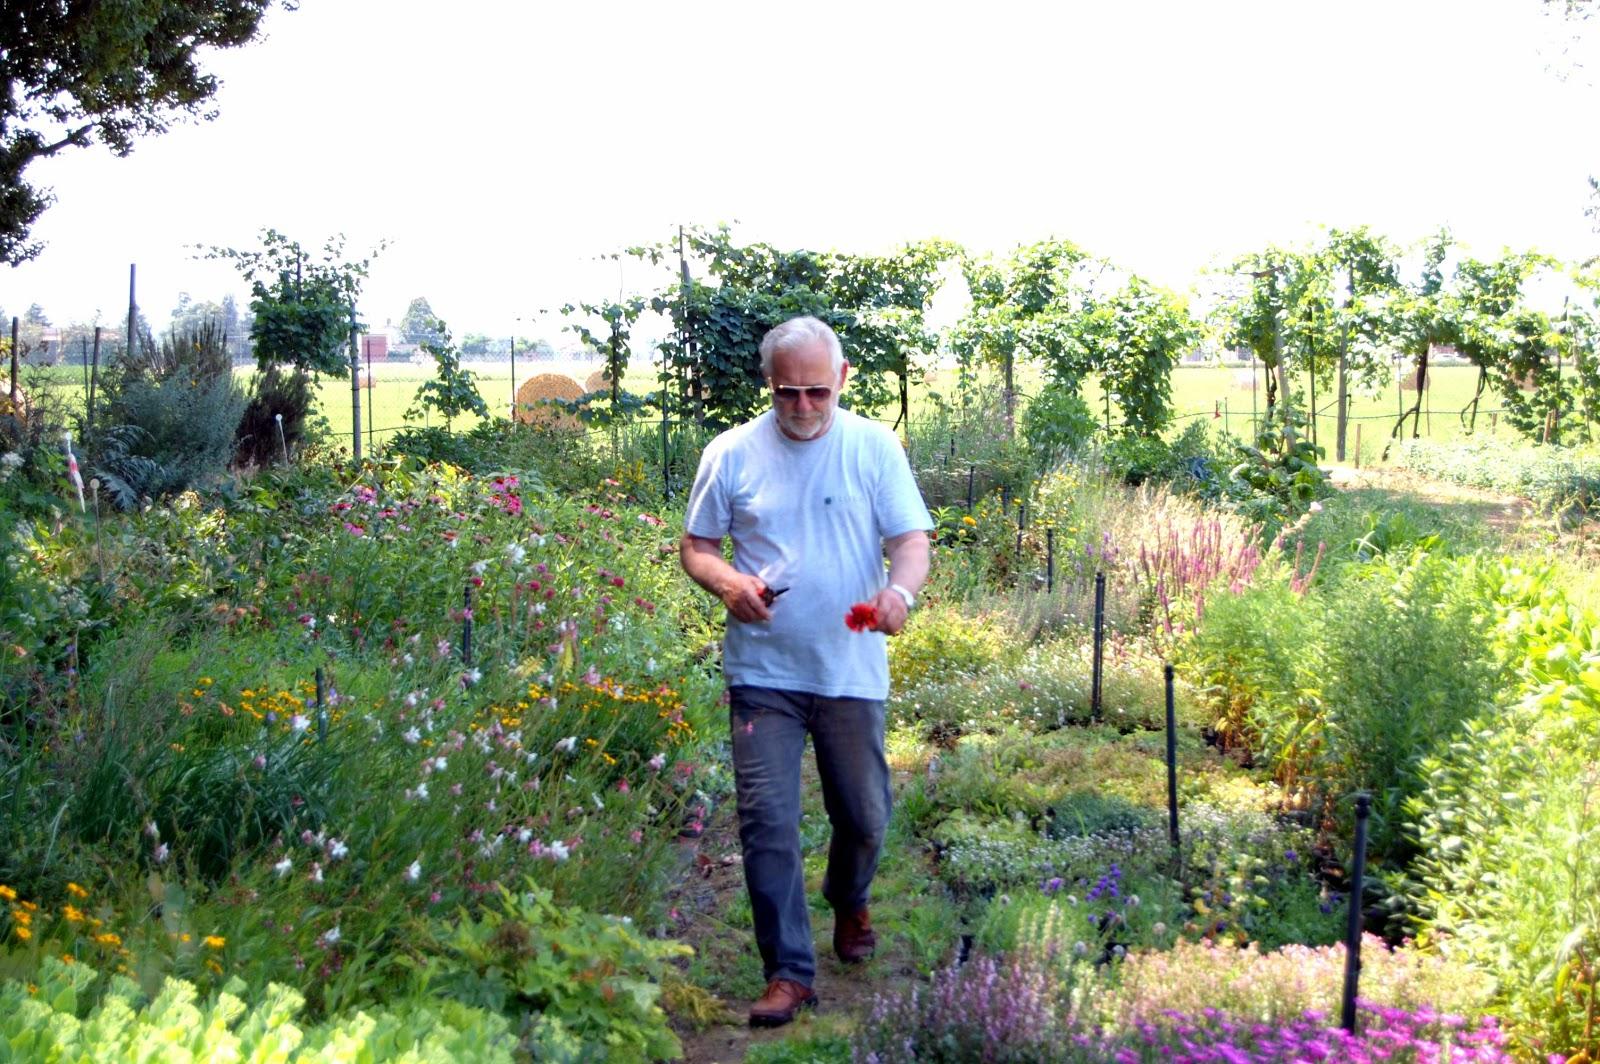 A scuola di pollice verde col maestro giardiniere che for Giardiniere bologna